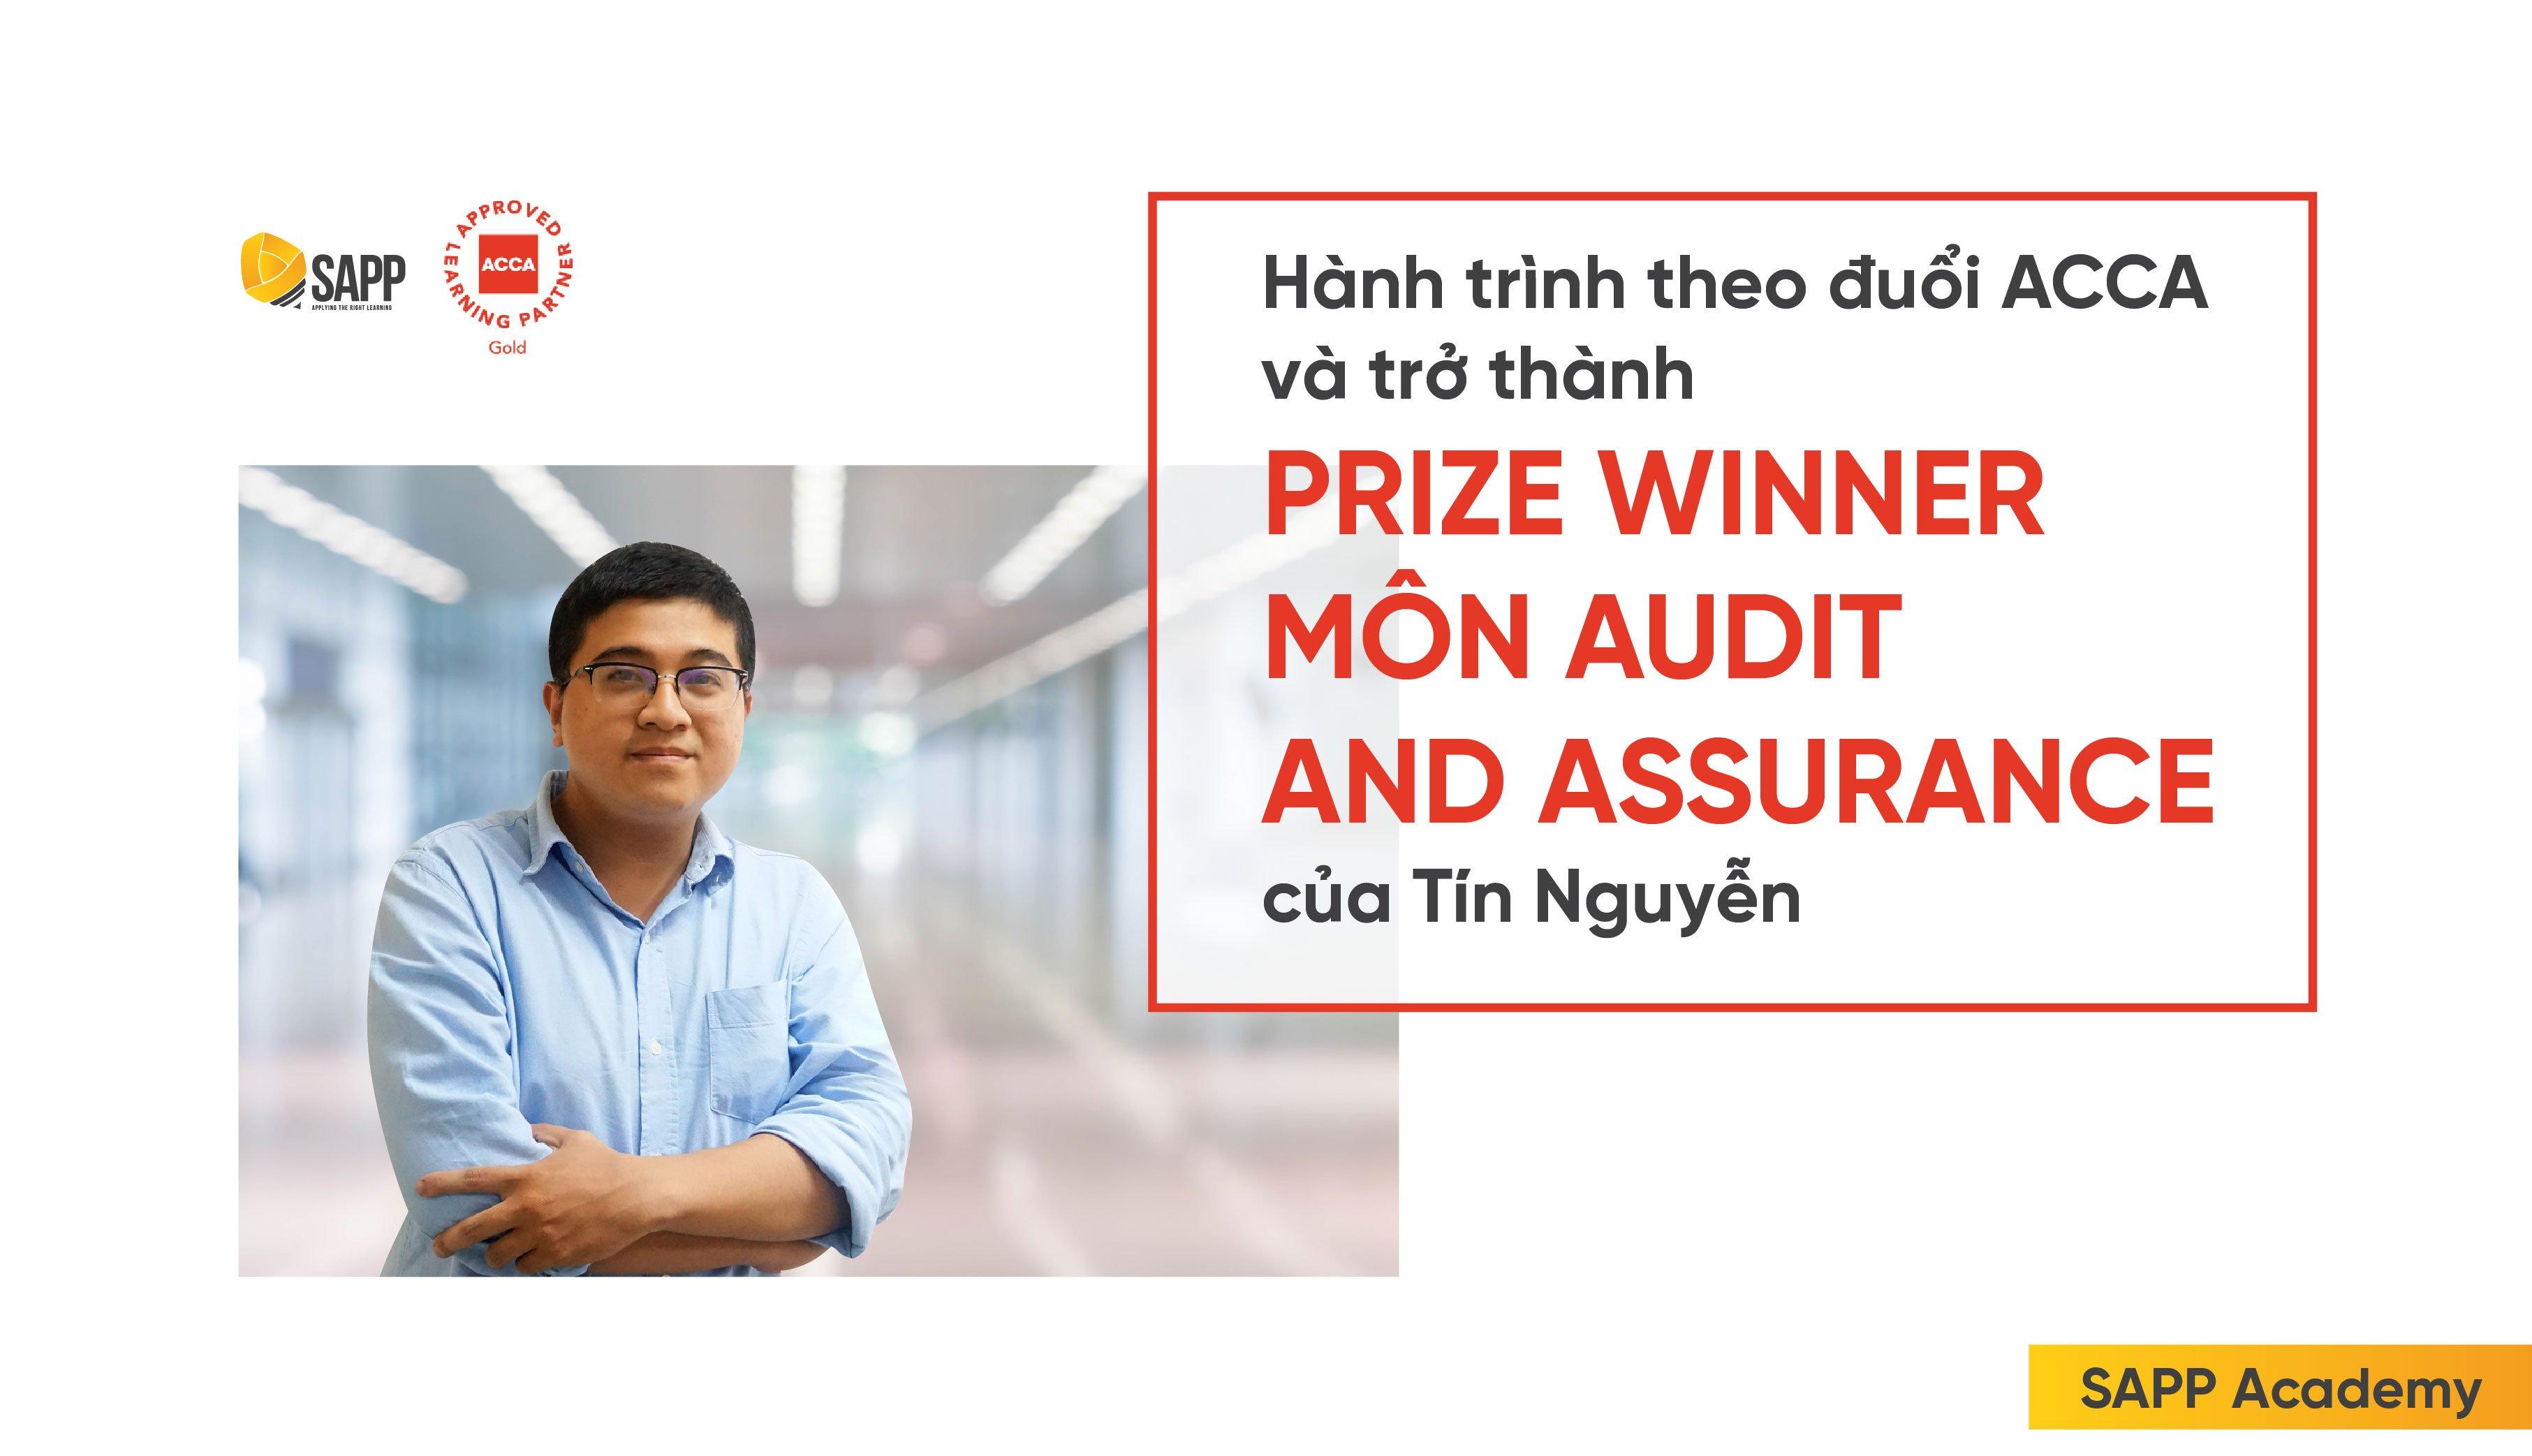 Hành trình chinh phục ACCA và trở thành Prize Winner môn Audit & Assurance của Tín Nguyễn